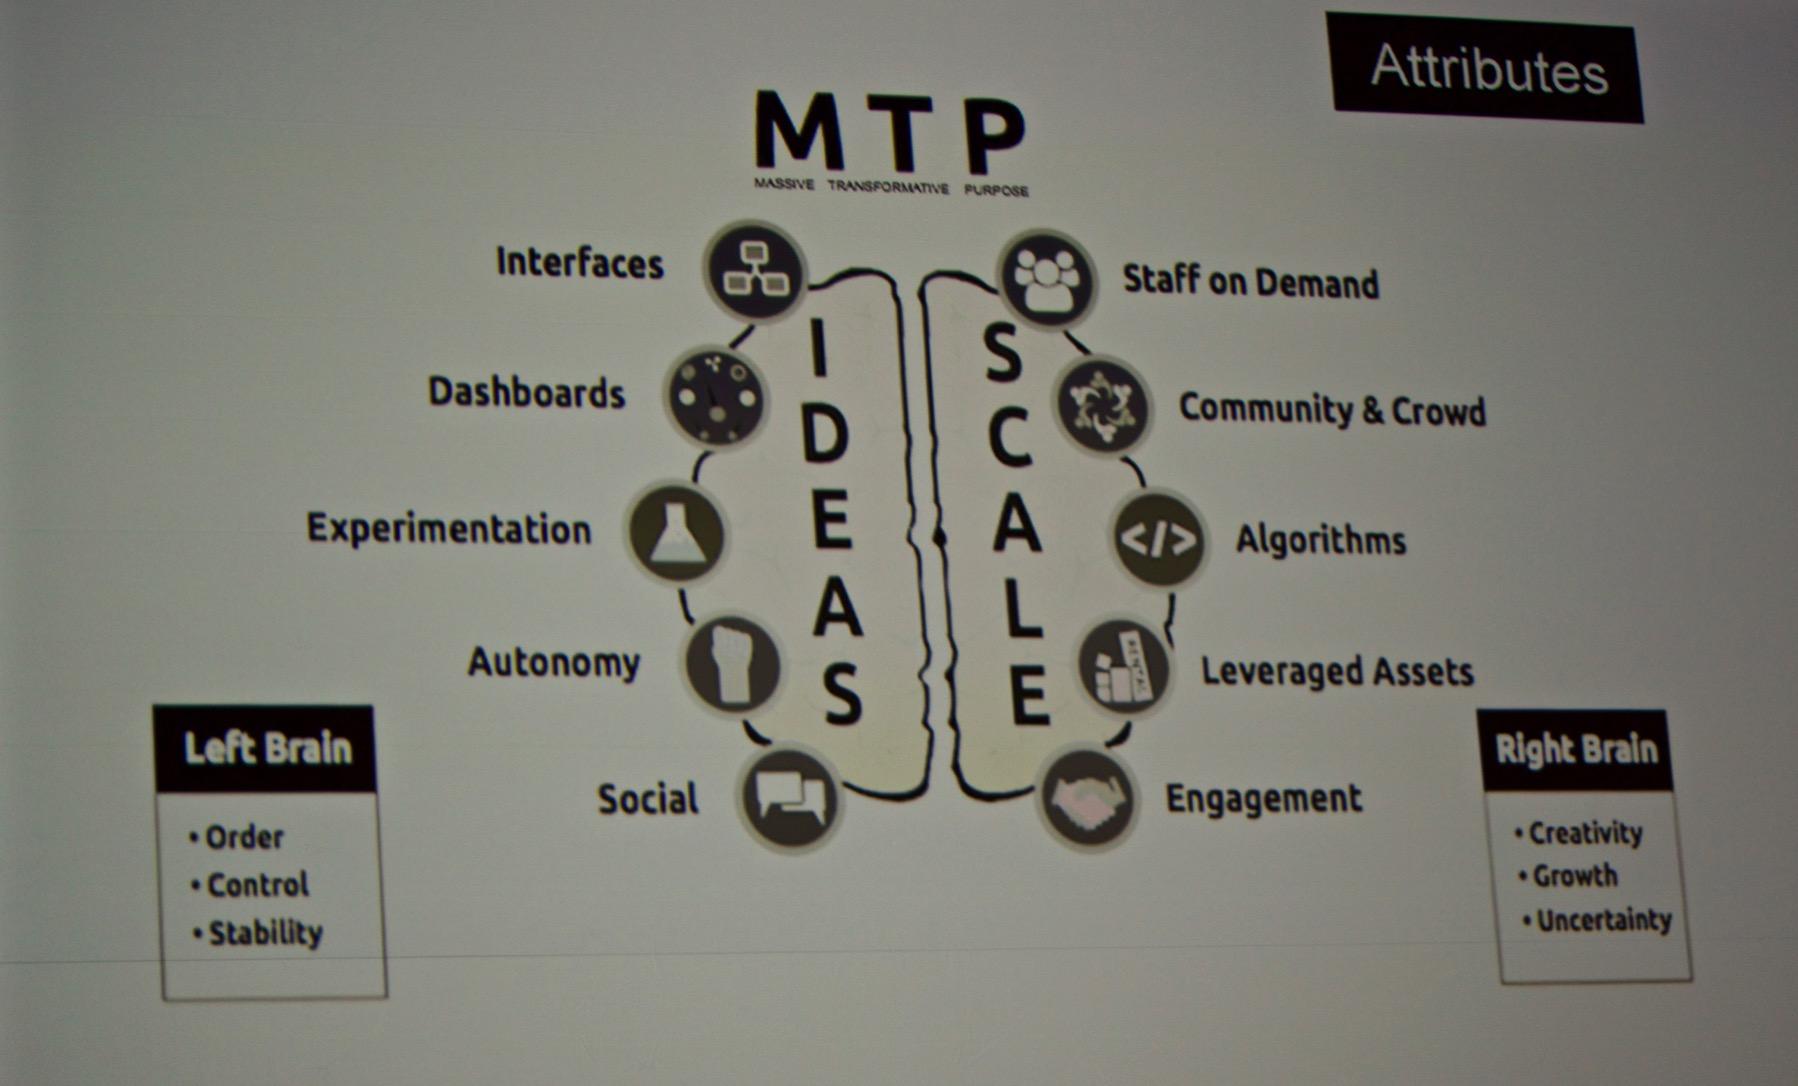 MTP breakdown